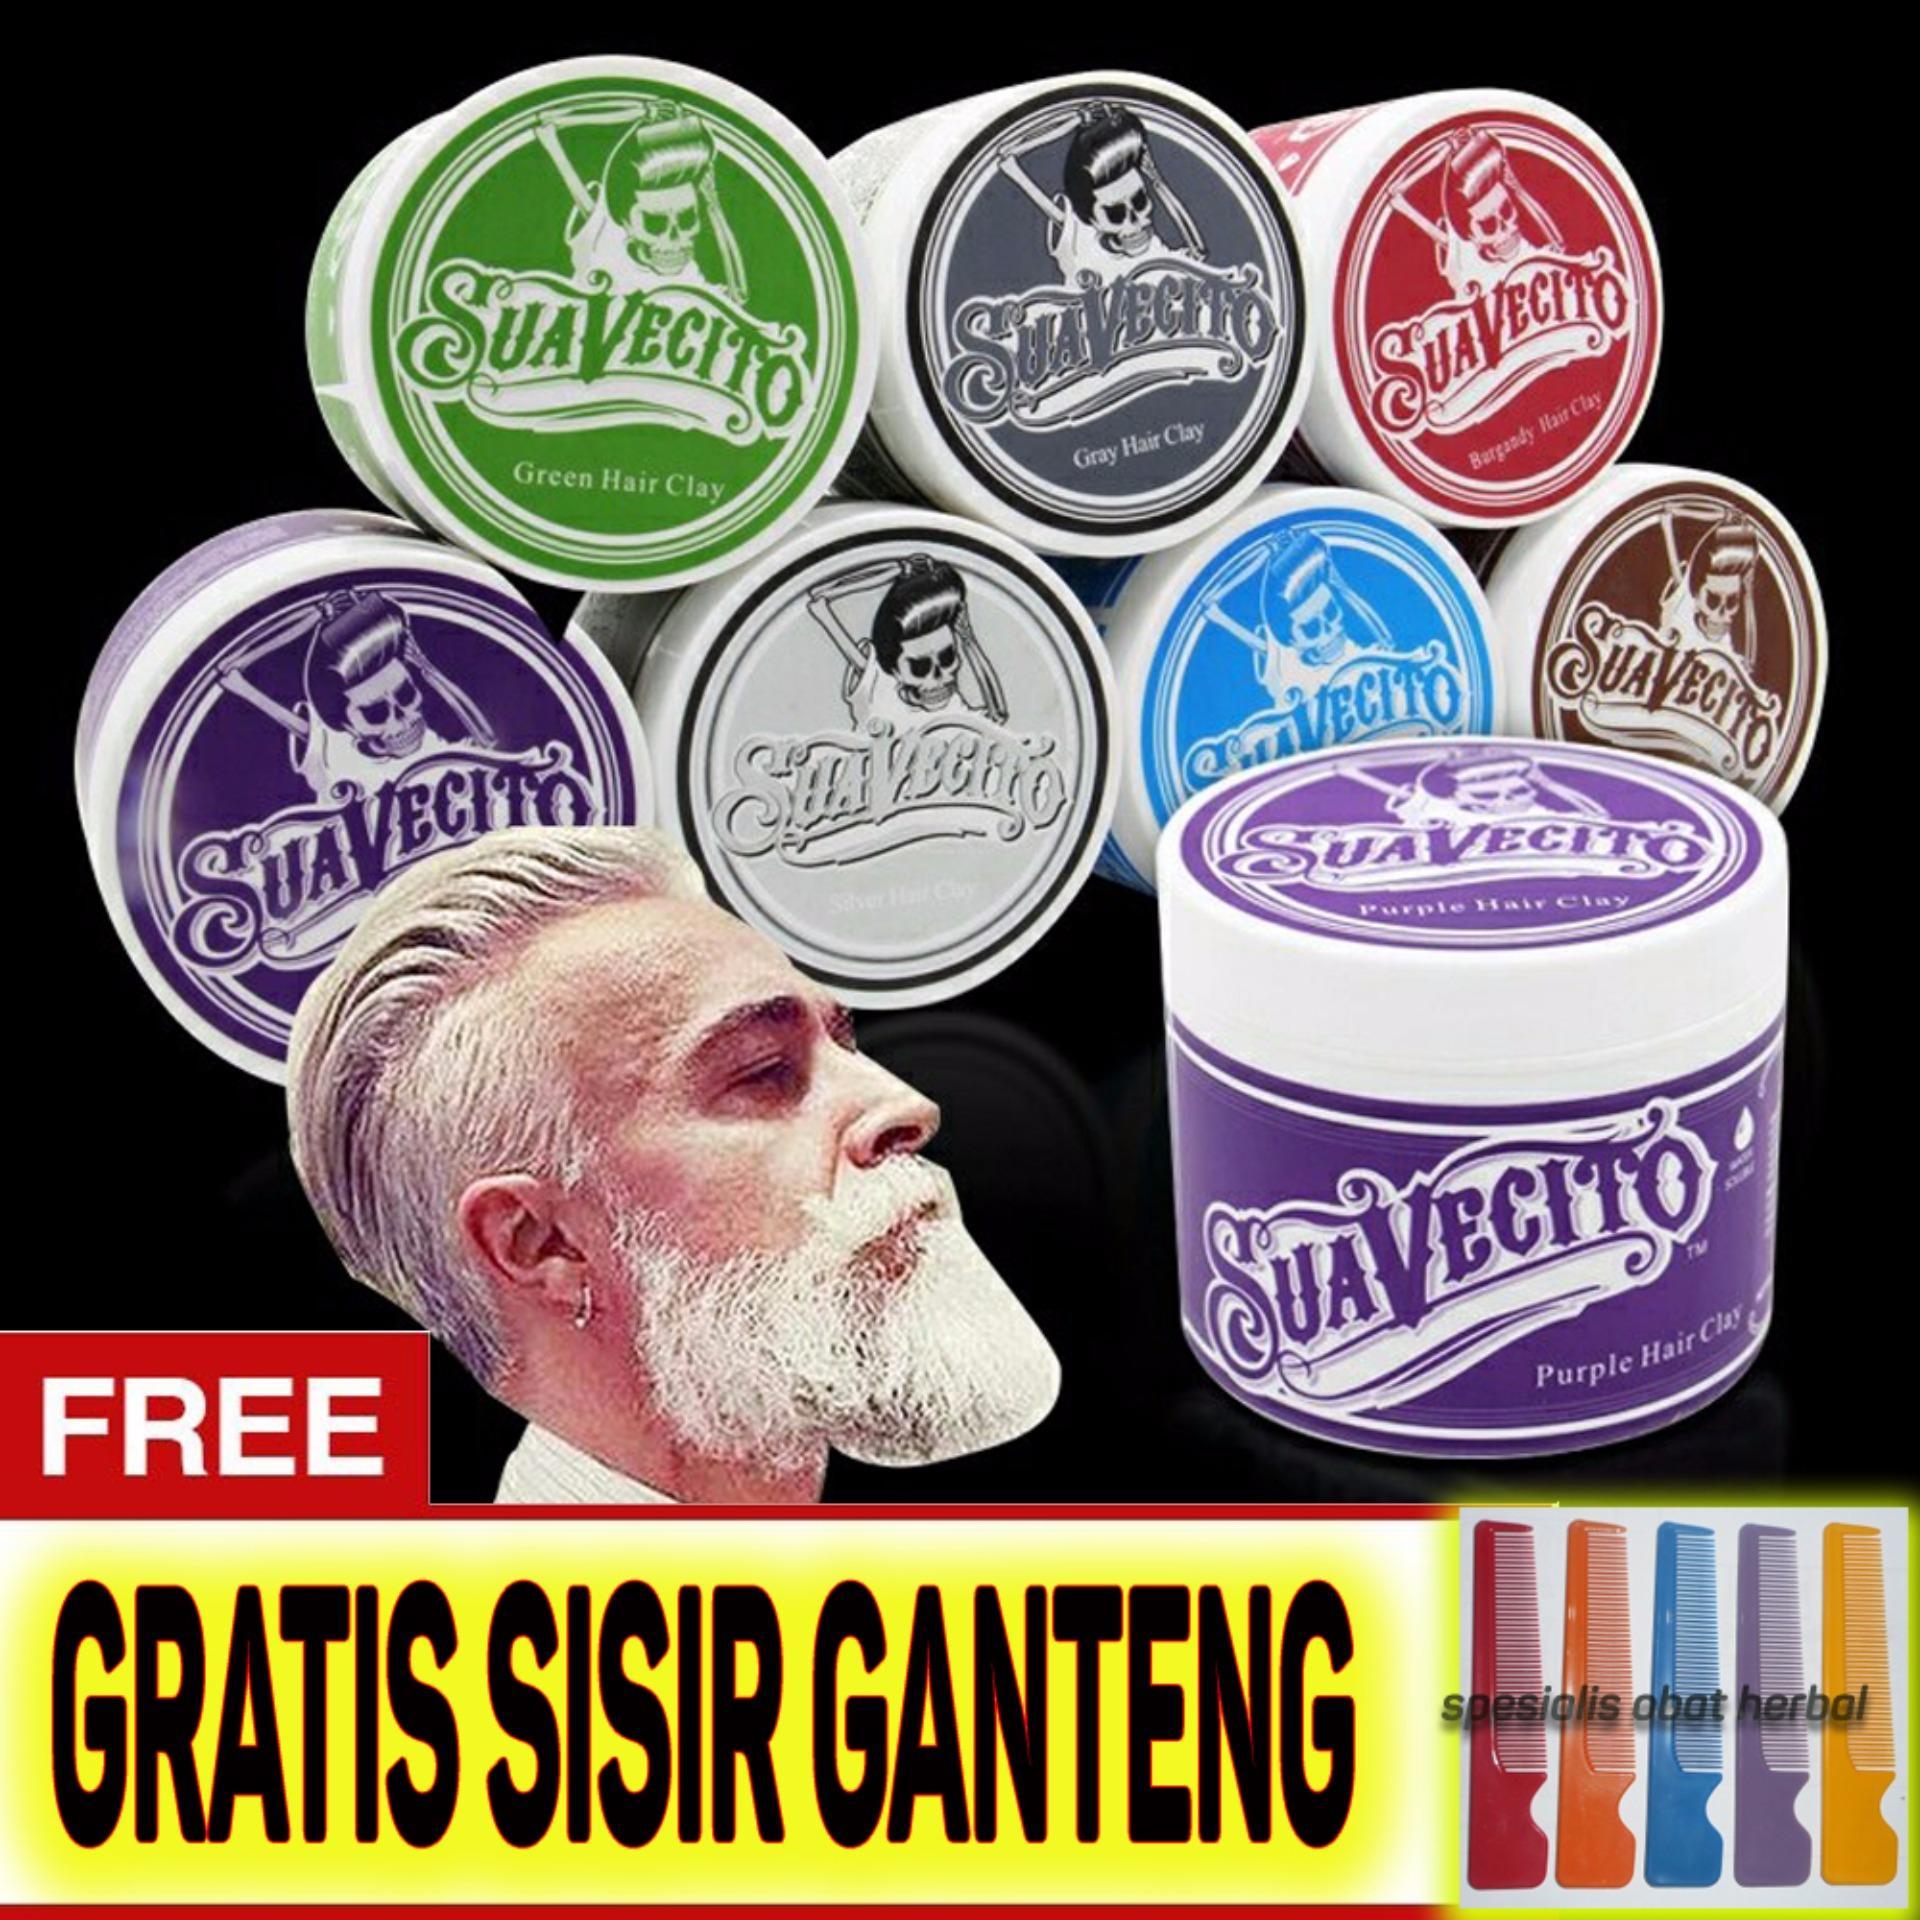 Original Suavecito Hair Pomade Murah Ganteng Maksimal Warna Waterbase Non Permanen - Gratis Sisir - Warna Ungu